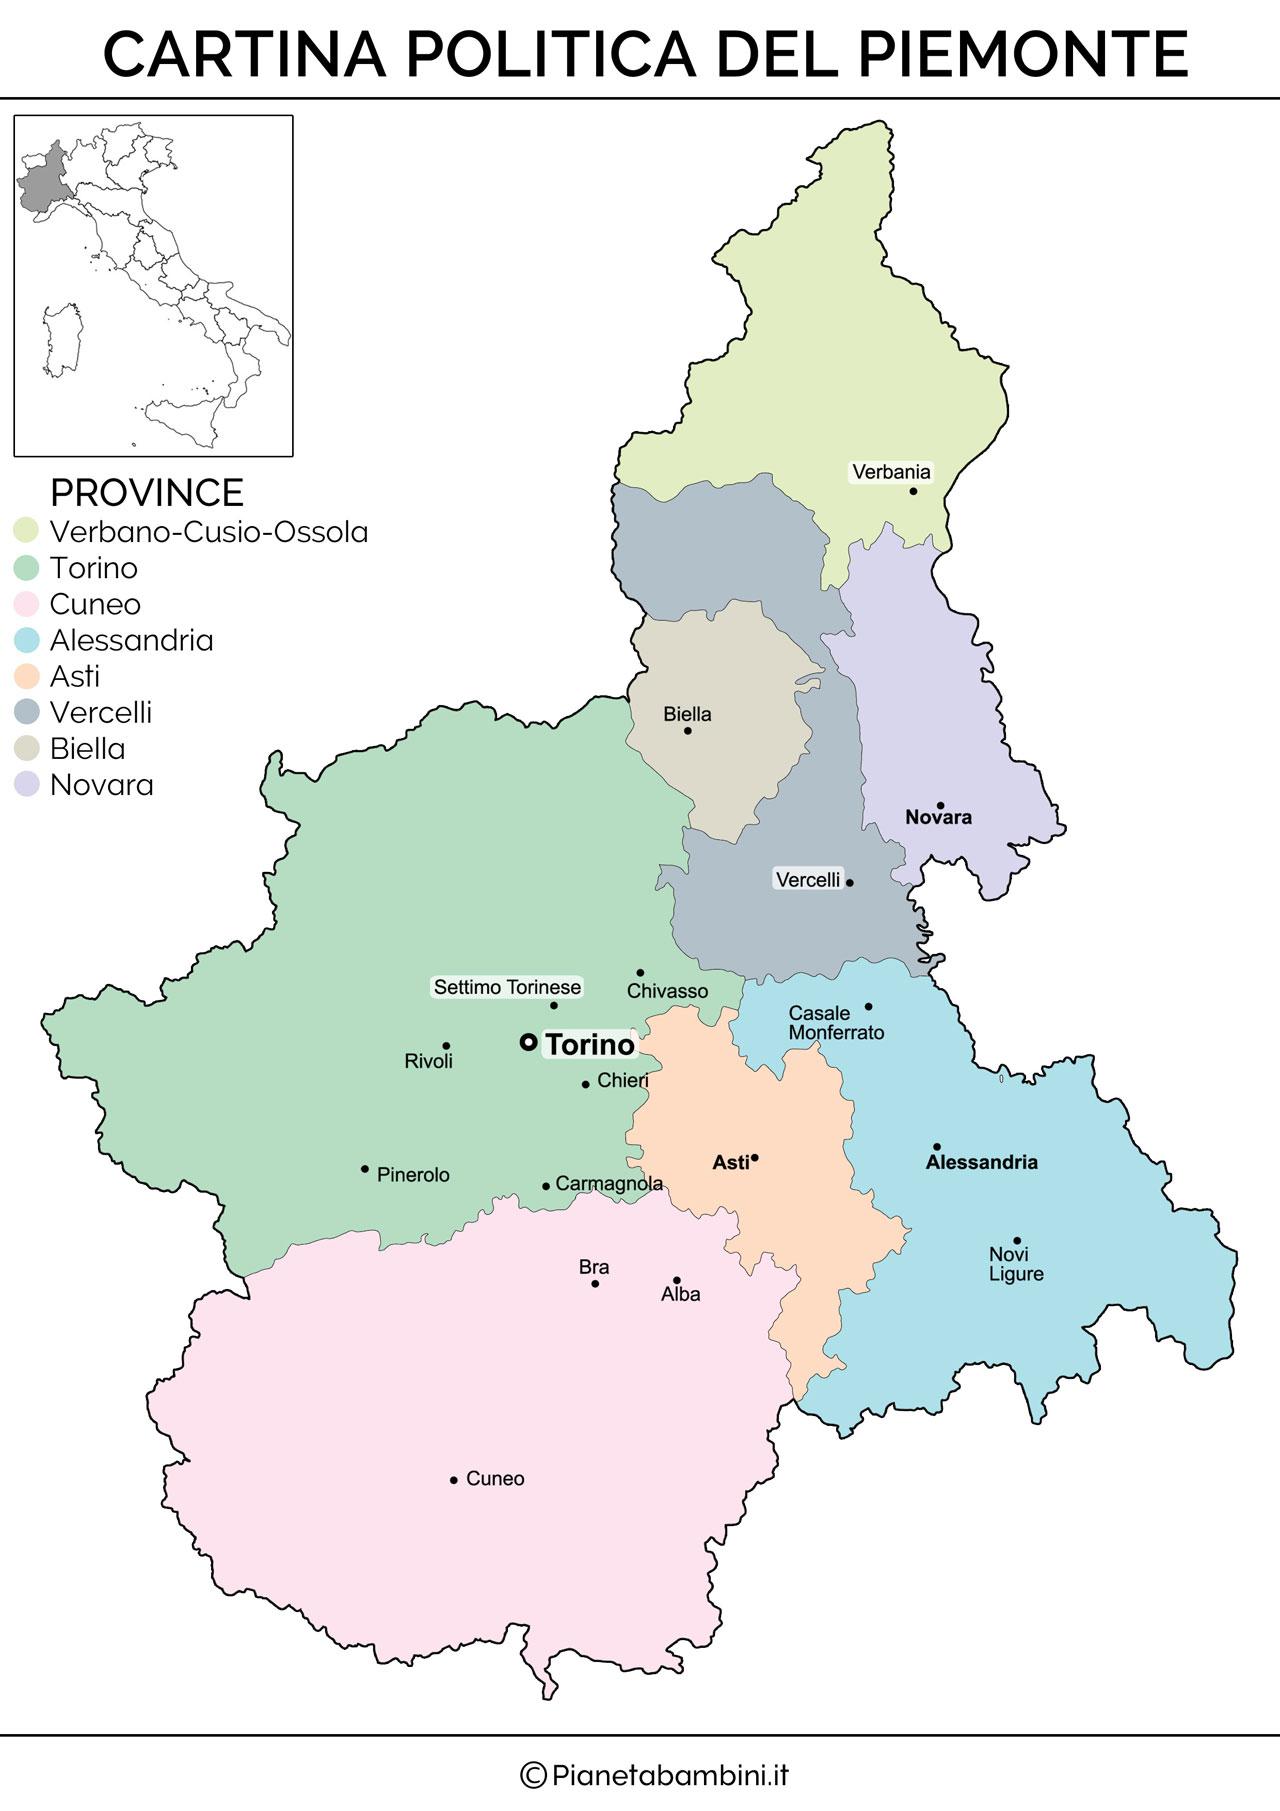 Cartina del Piemonte politica da stampare gratis